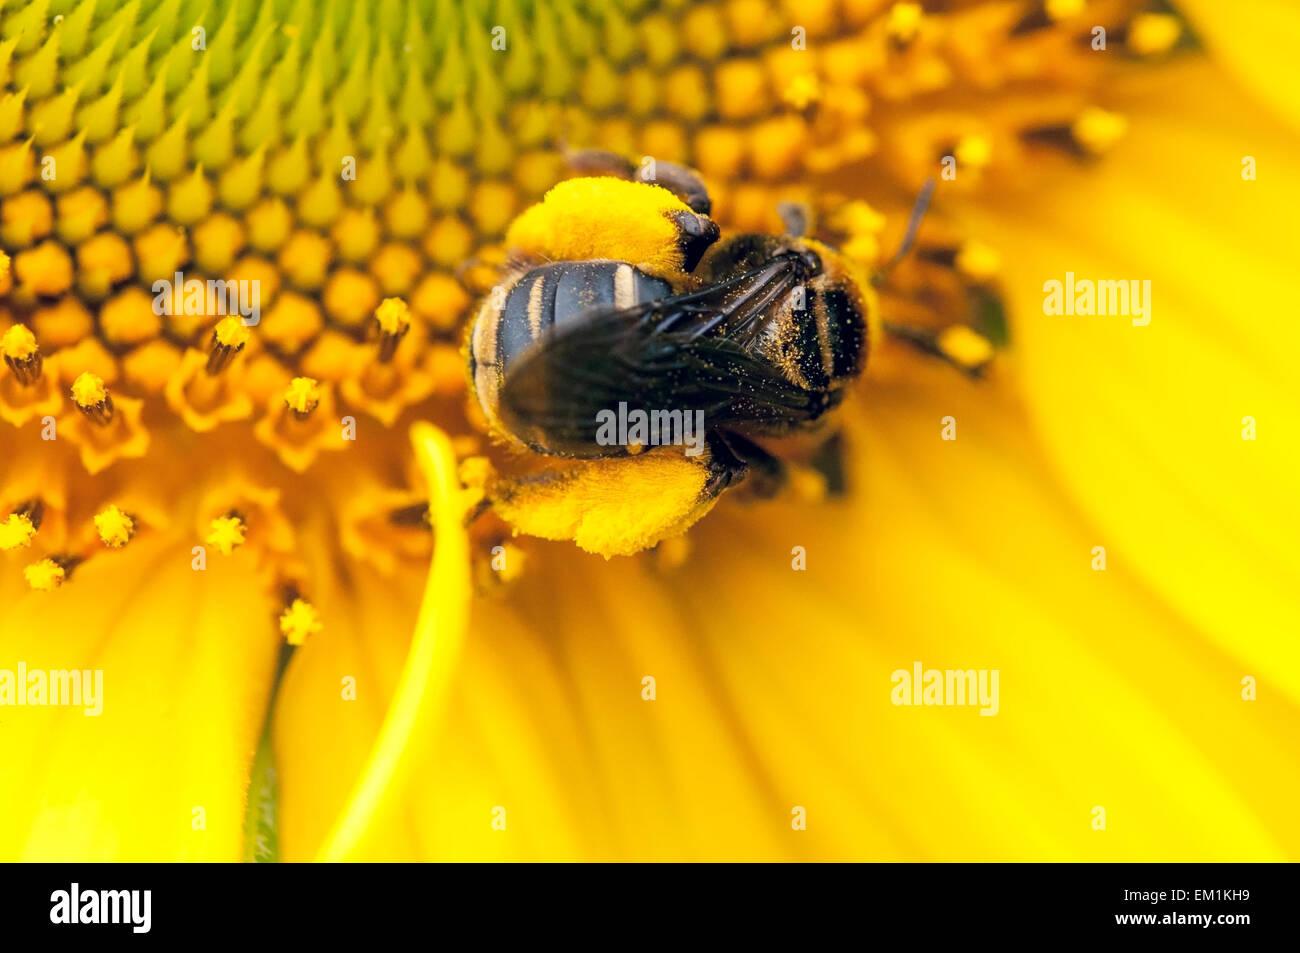 Bumblebee pollen Sunflower - Stock Image